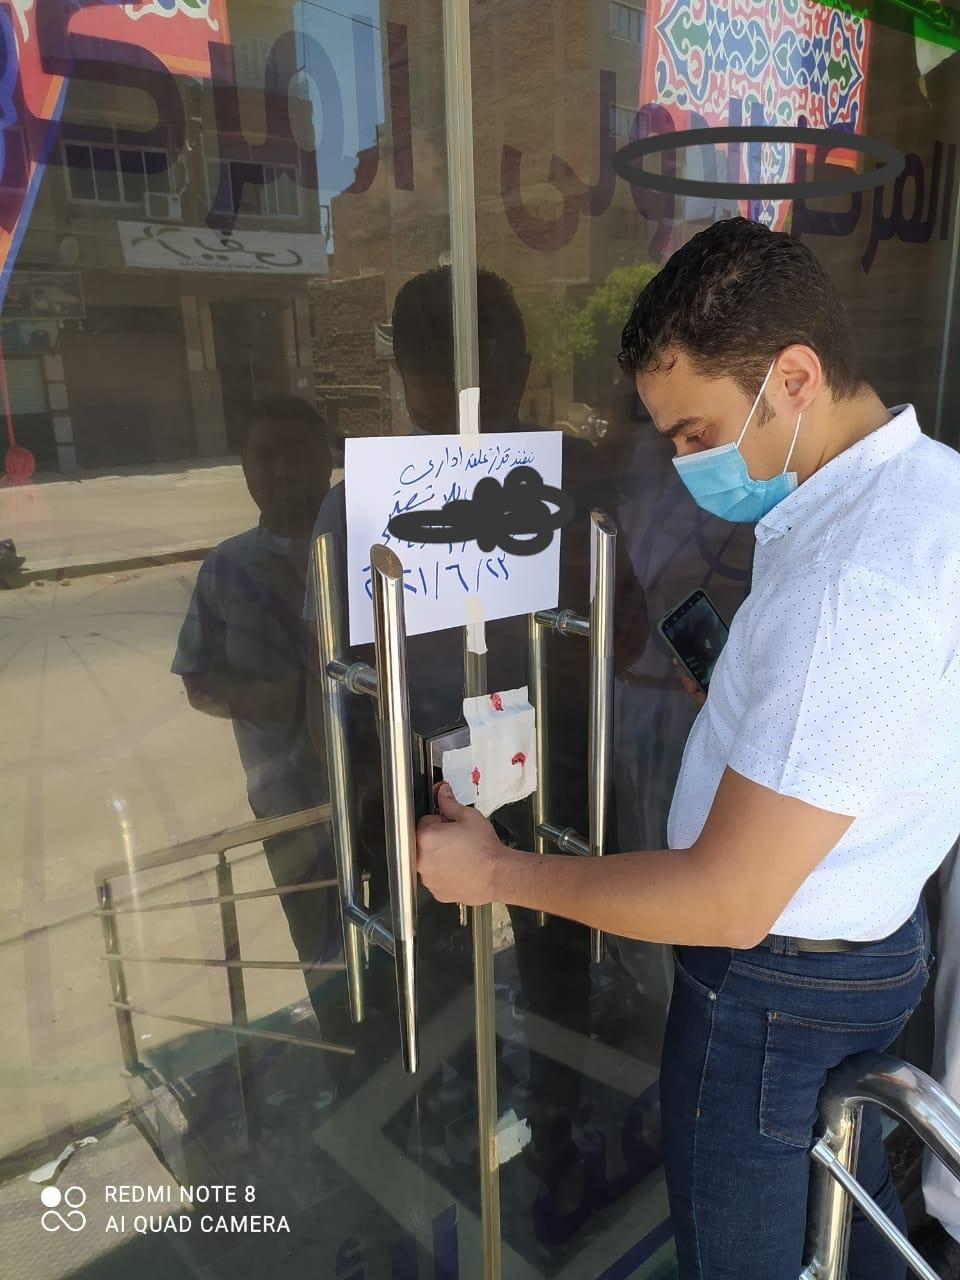 محافظة الفيوم  غلق 16 منشأة طبية .. وضبط أدوية بشرية بإحدى عيادات النساء